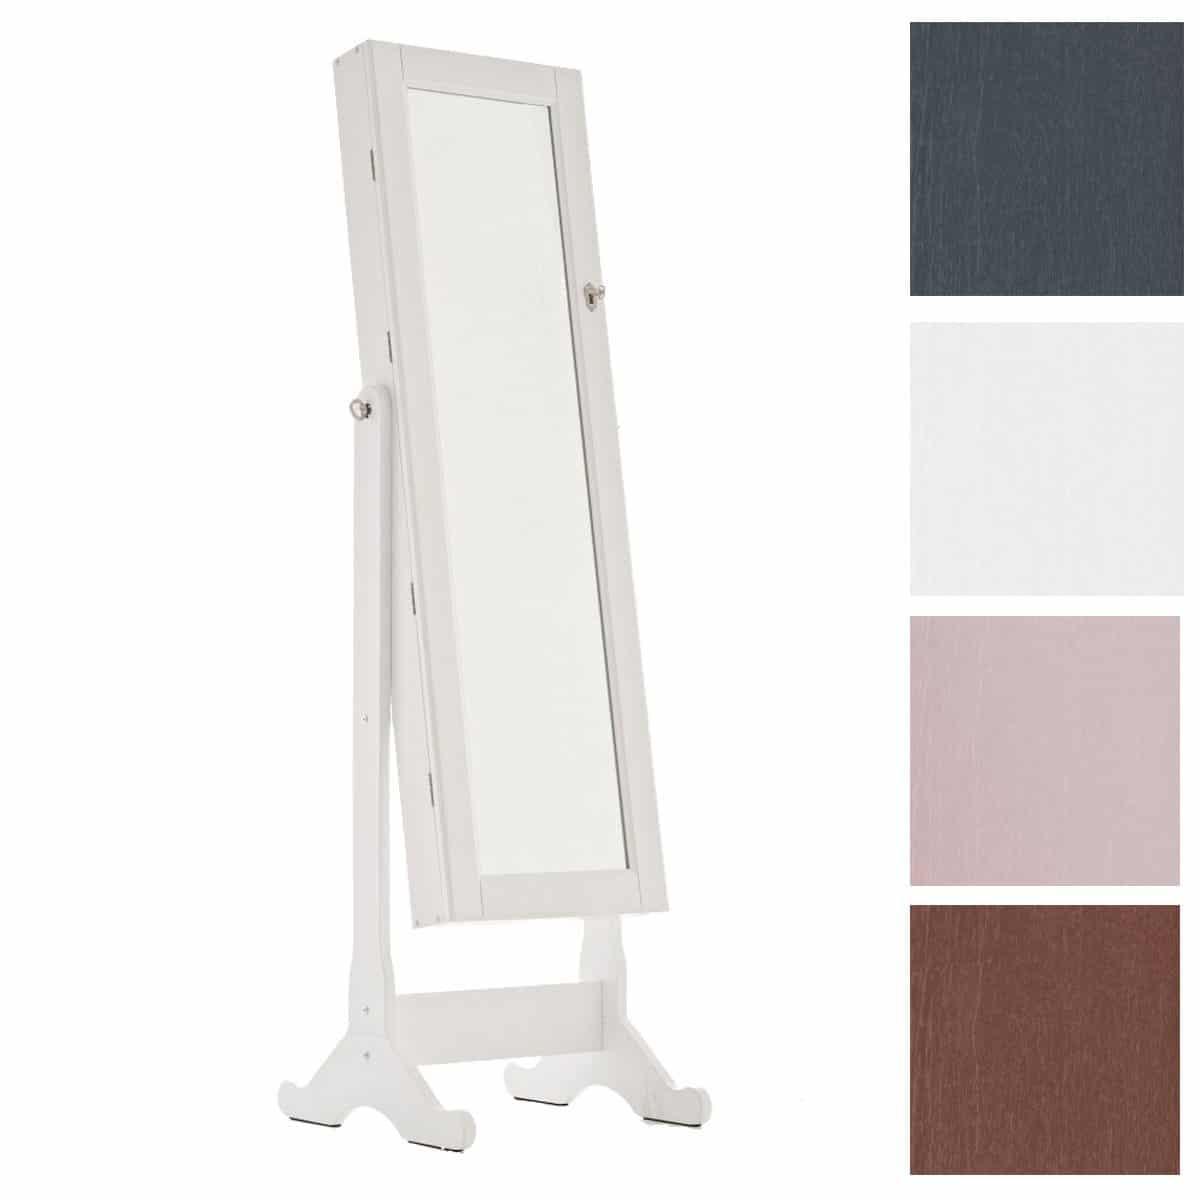 CLP Schmuckschrank AVA mit Spiegel | Spiegelschrank mit Holzgestell | Neigbarer Schmuckschrank mit Haken für Ketten und Steckplätzen für Ringe Weiß